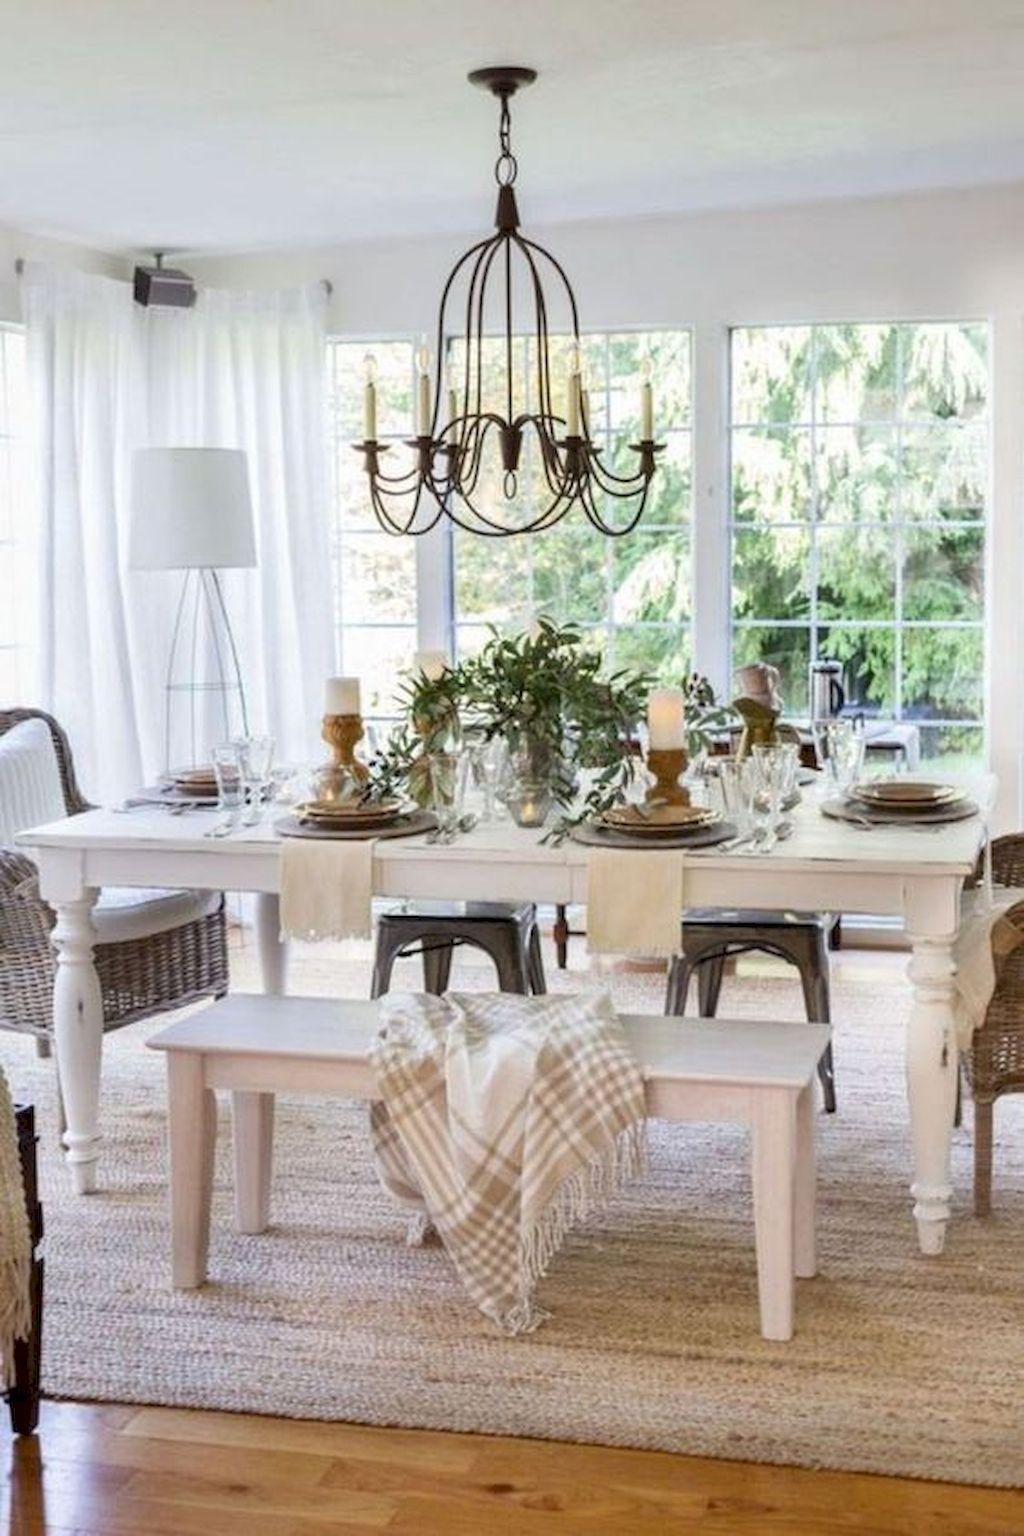 50 Farmhouse Dining Room Table Decor Ideas #farmhousediningroom